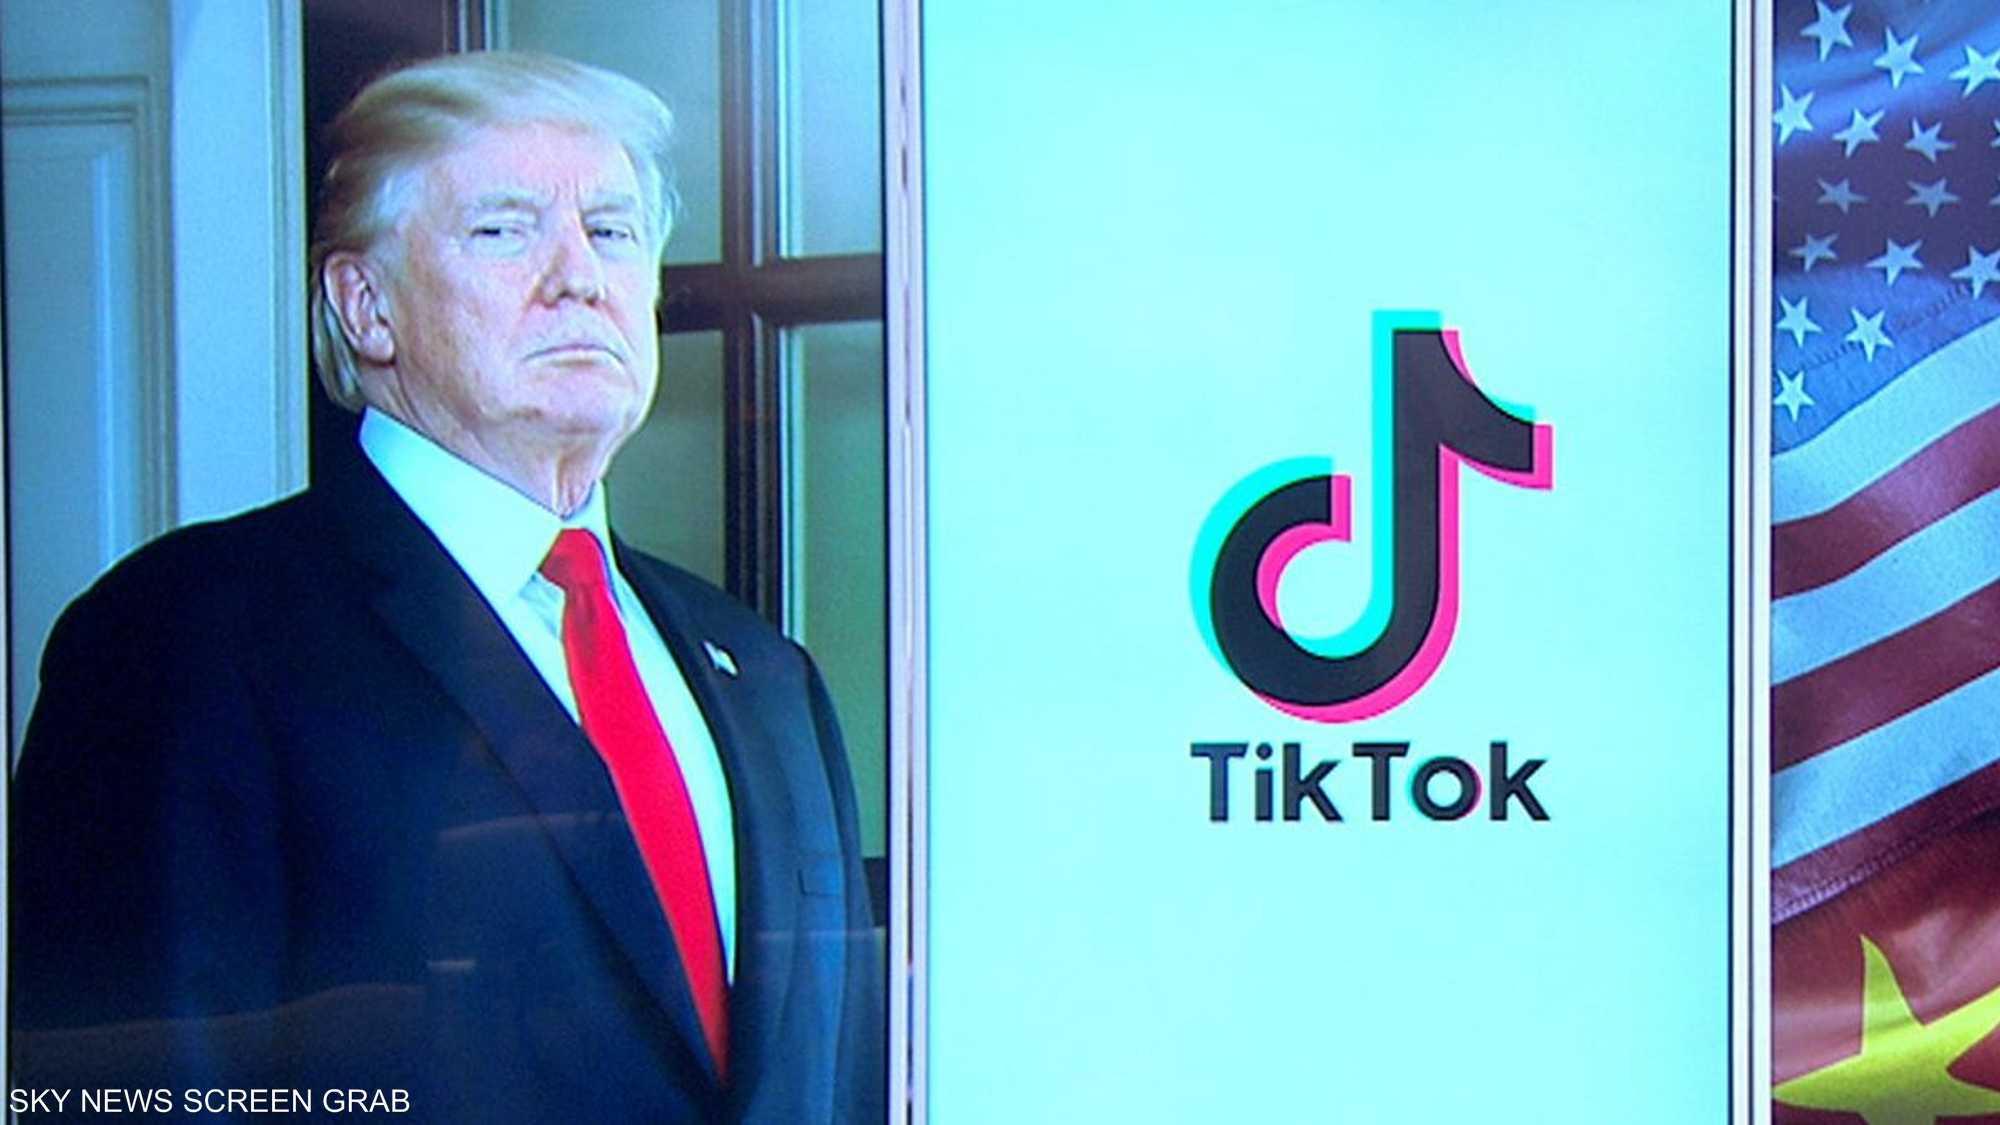 لماذا سيغيب تطبيق تيك توك الصيني في أميركا؟